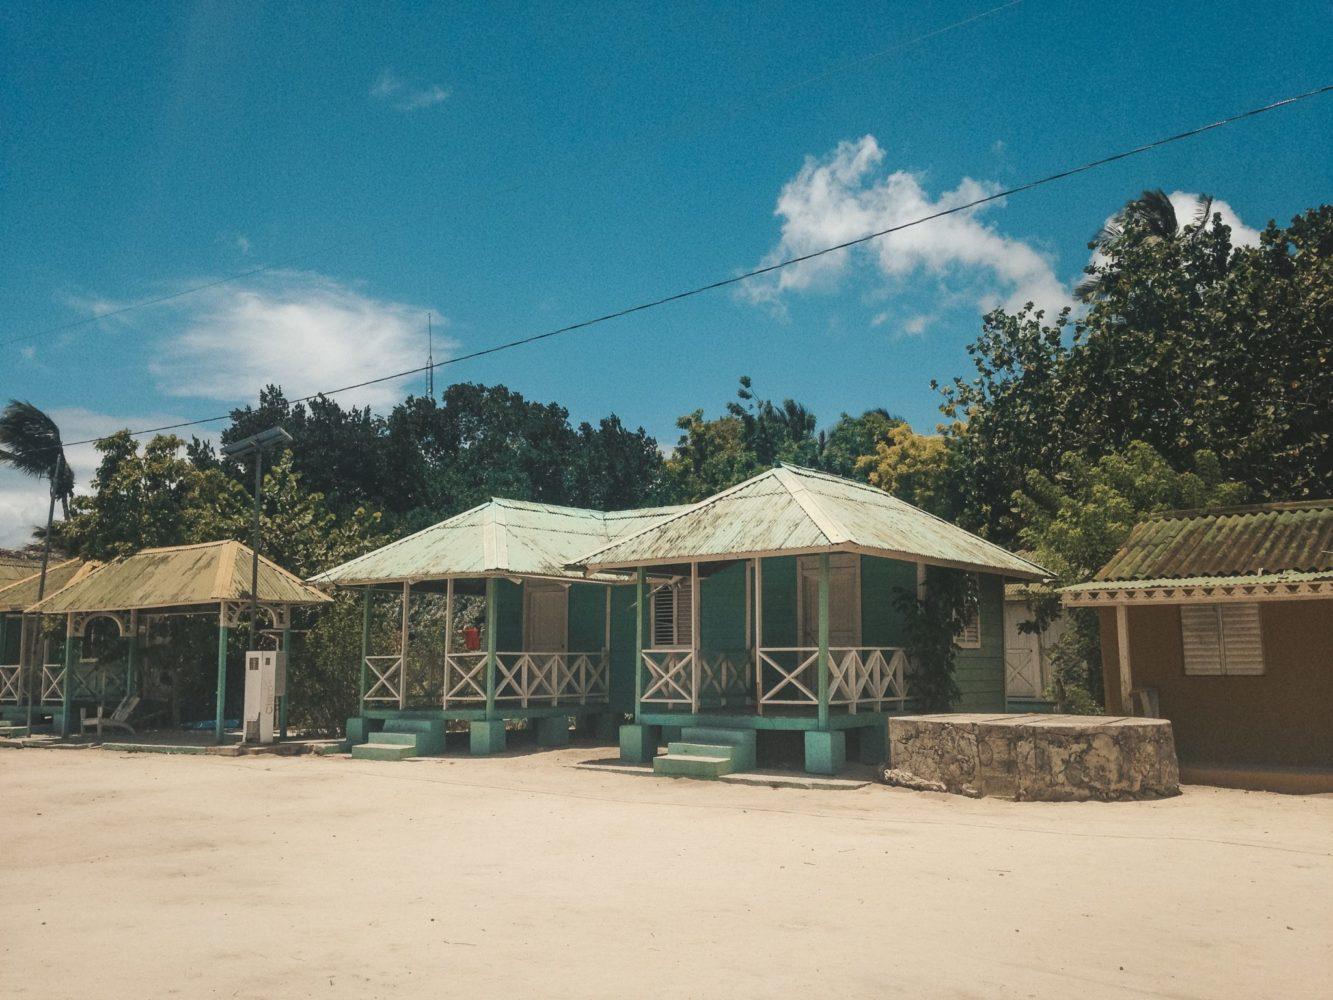 Visite du seul village de l'île avec ses maisons colorées